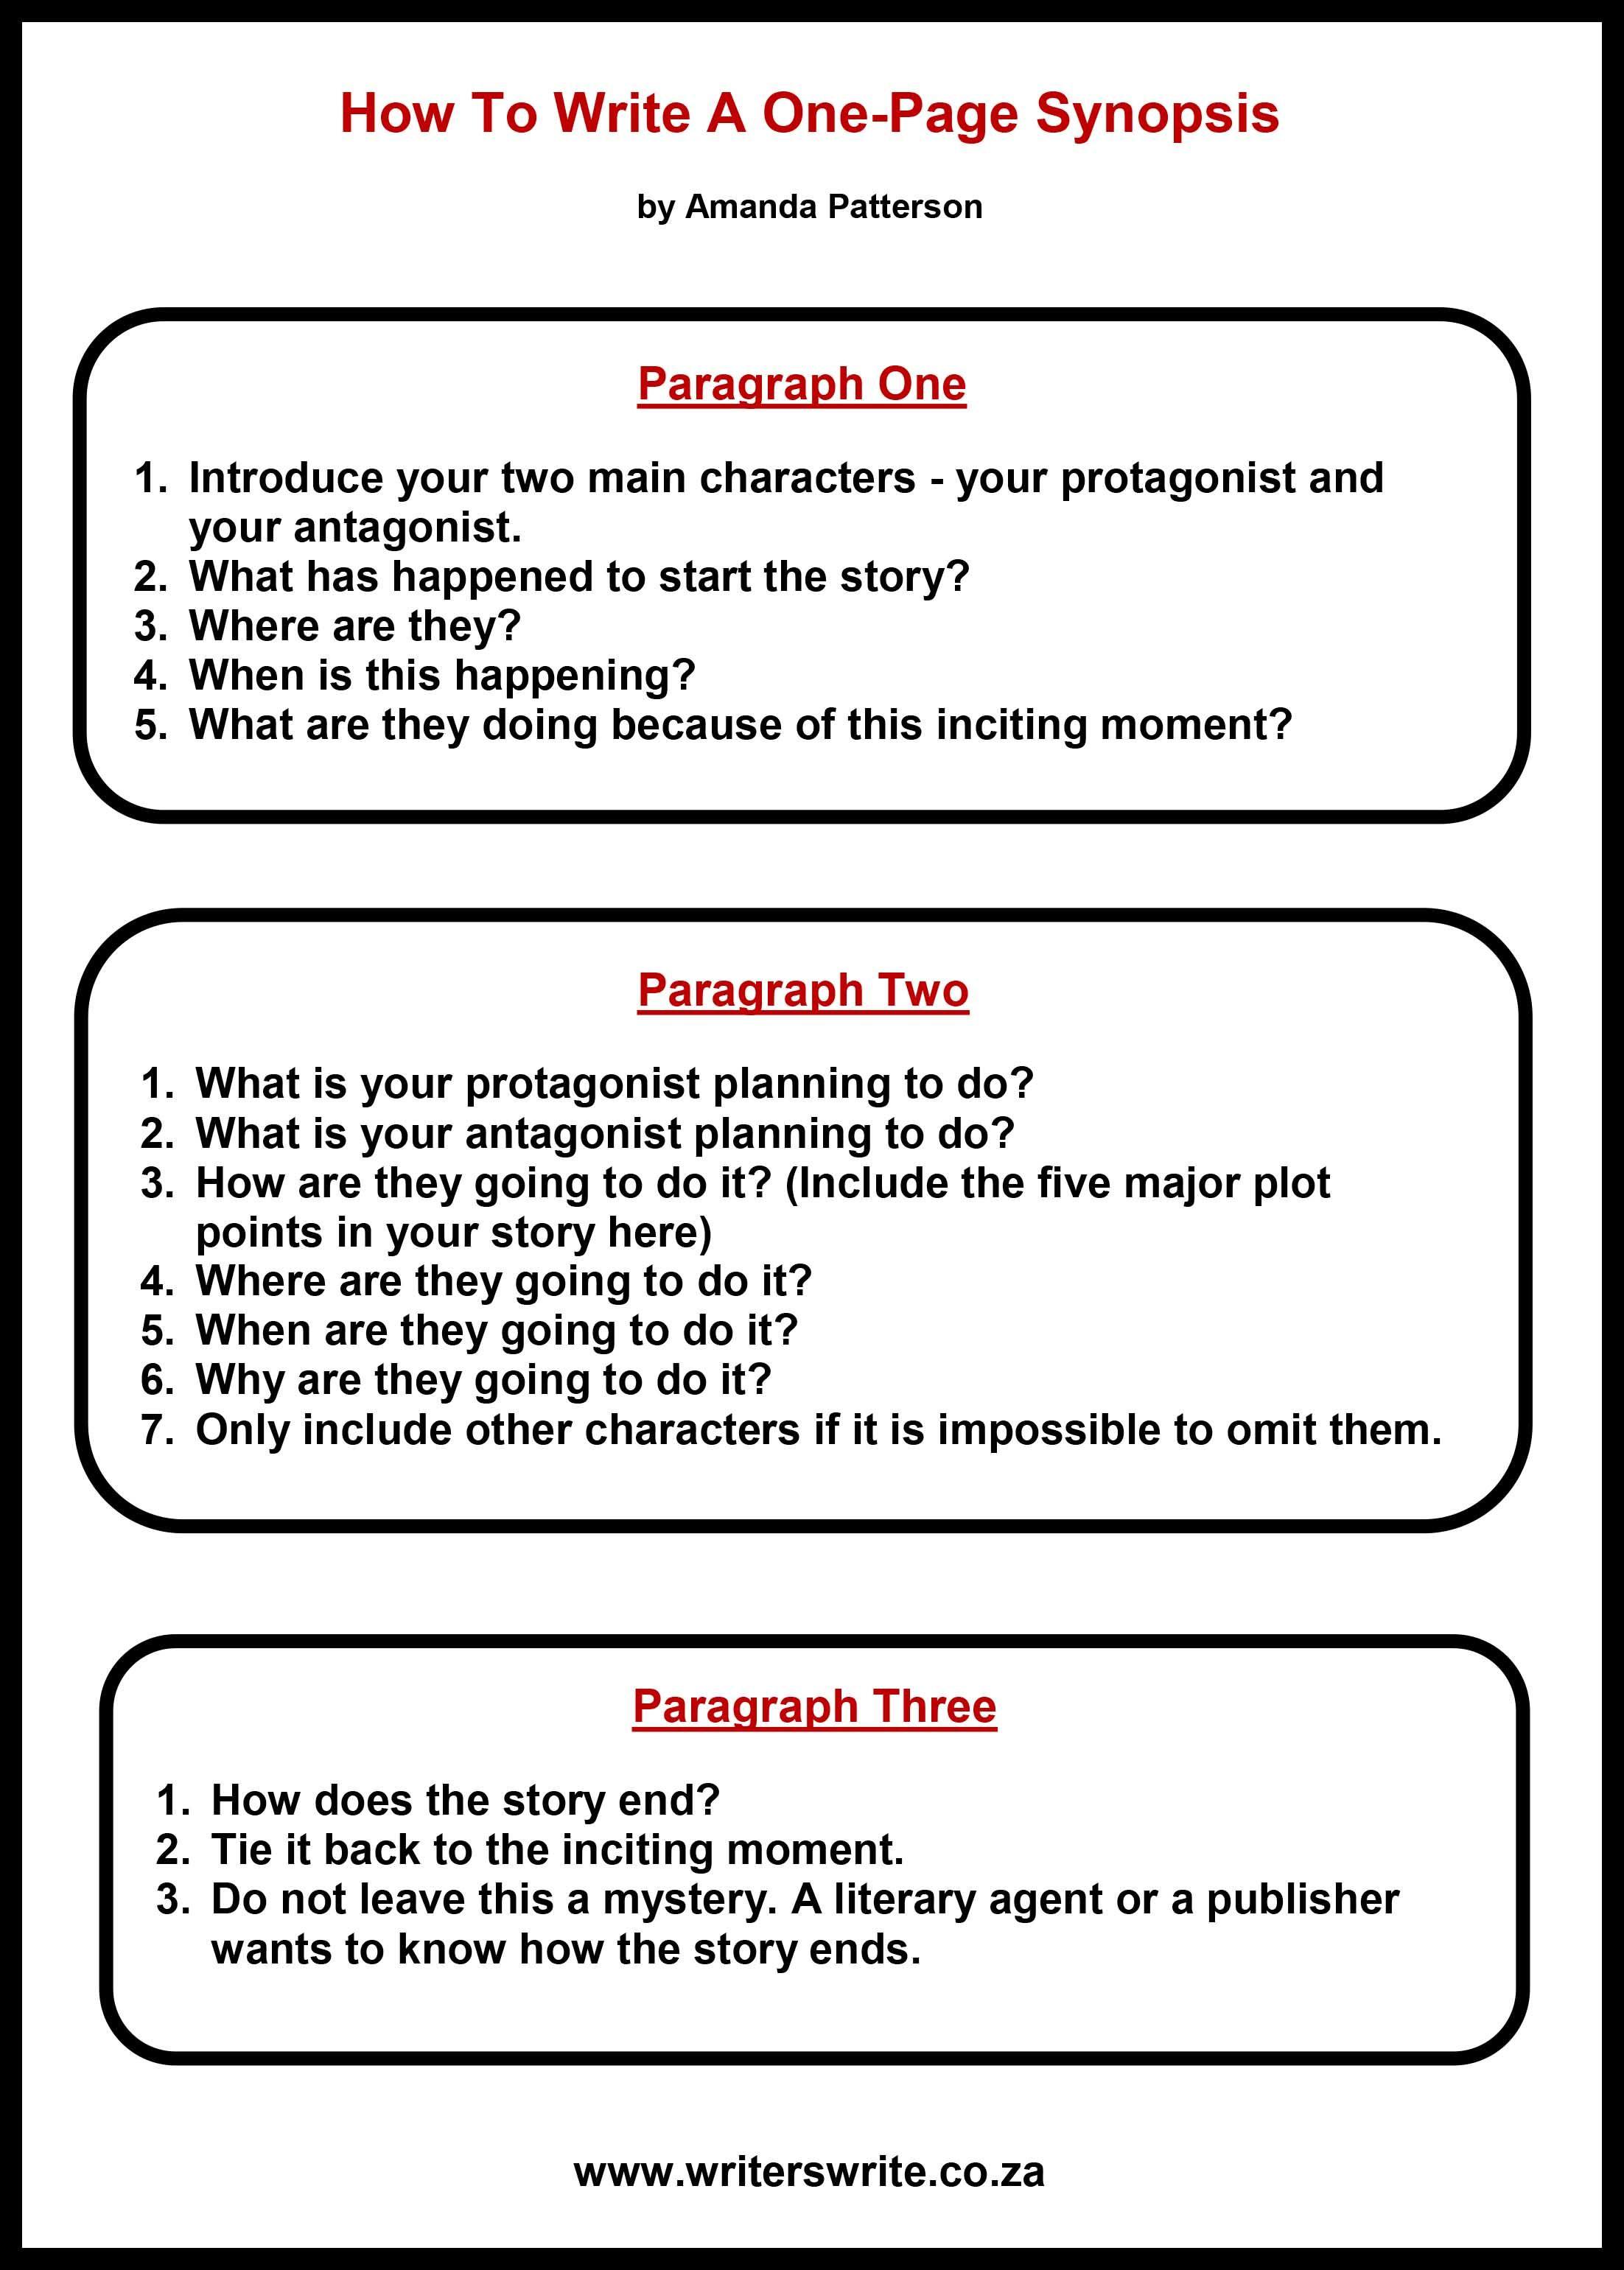 How To Write A Novel Outline Writing Outline Writing A Book Outline Creative Writing Tips